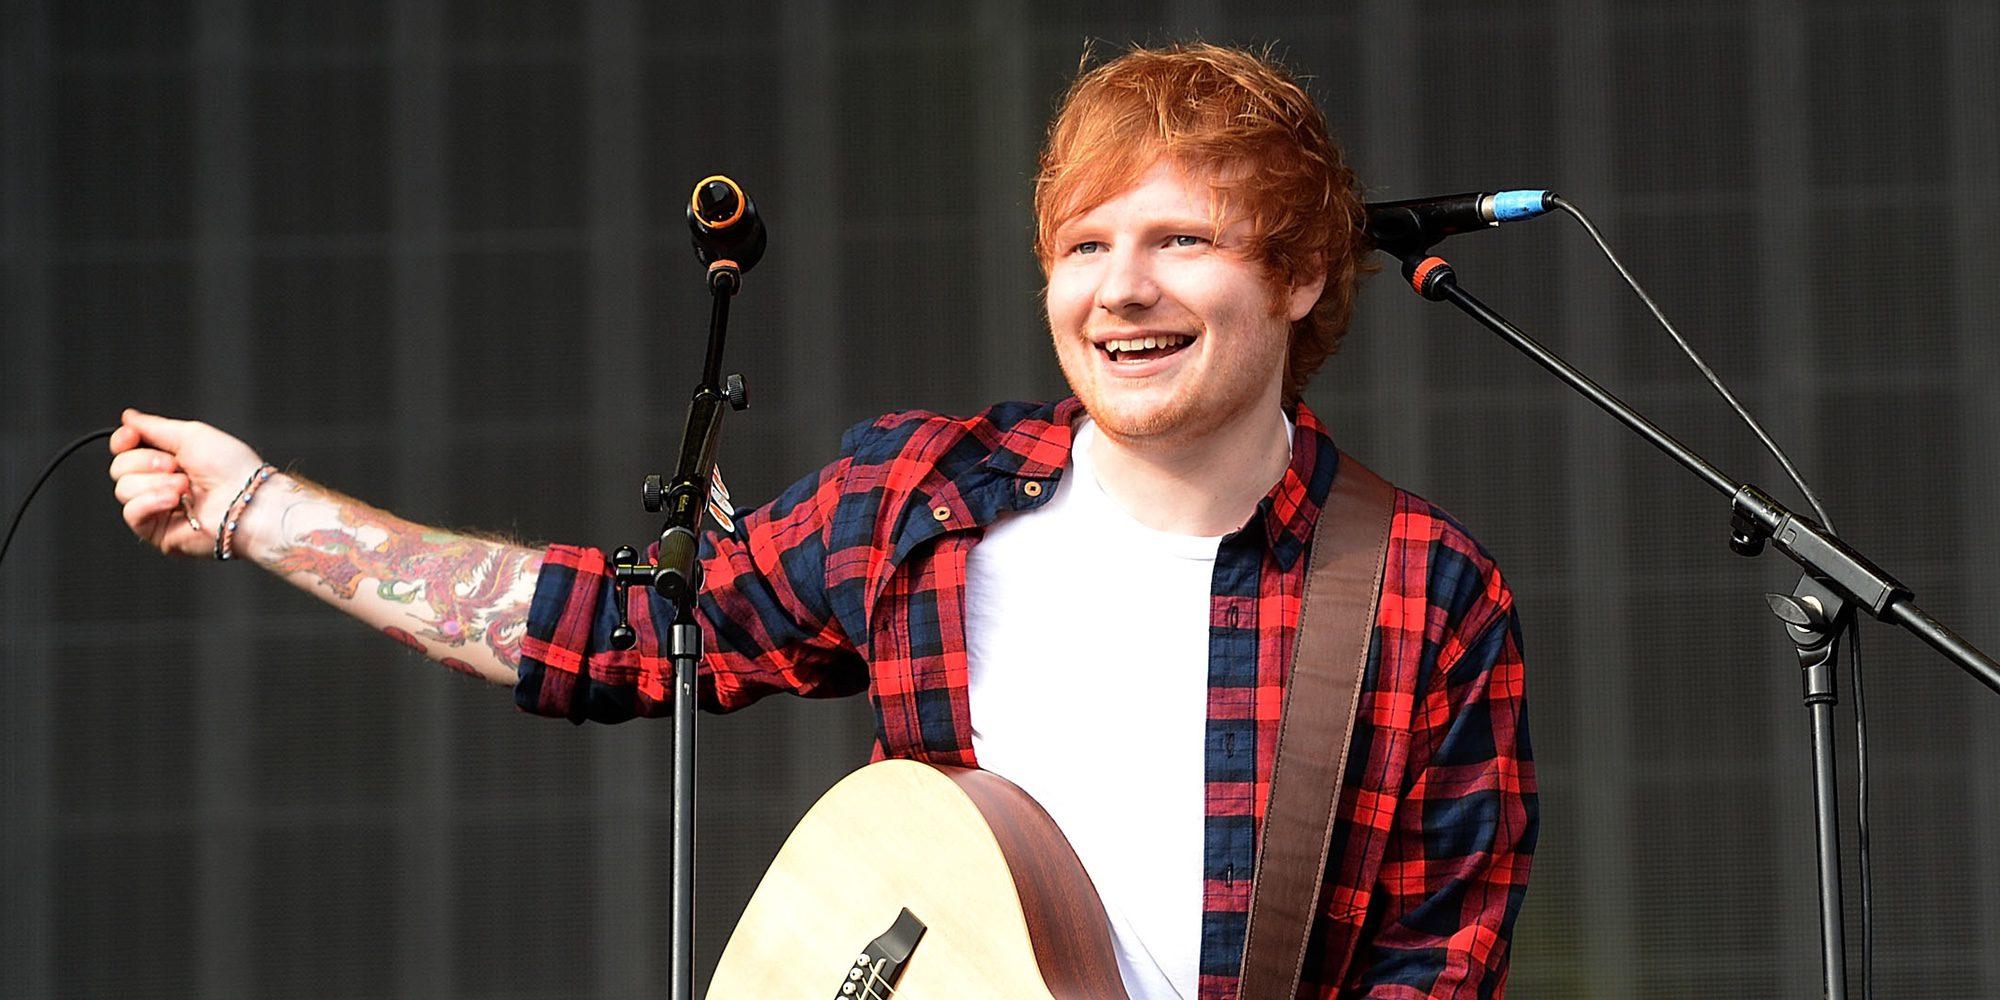 Ed Sheeran lanza las dos primeras canciones de su nuevo disco: 'Shape of you' y 'Castle on the hill'